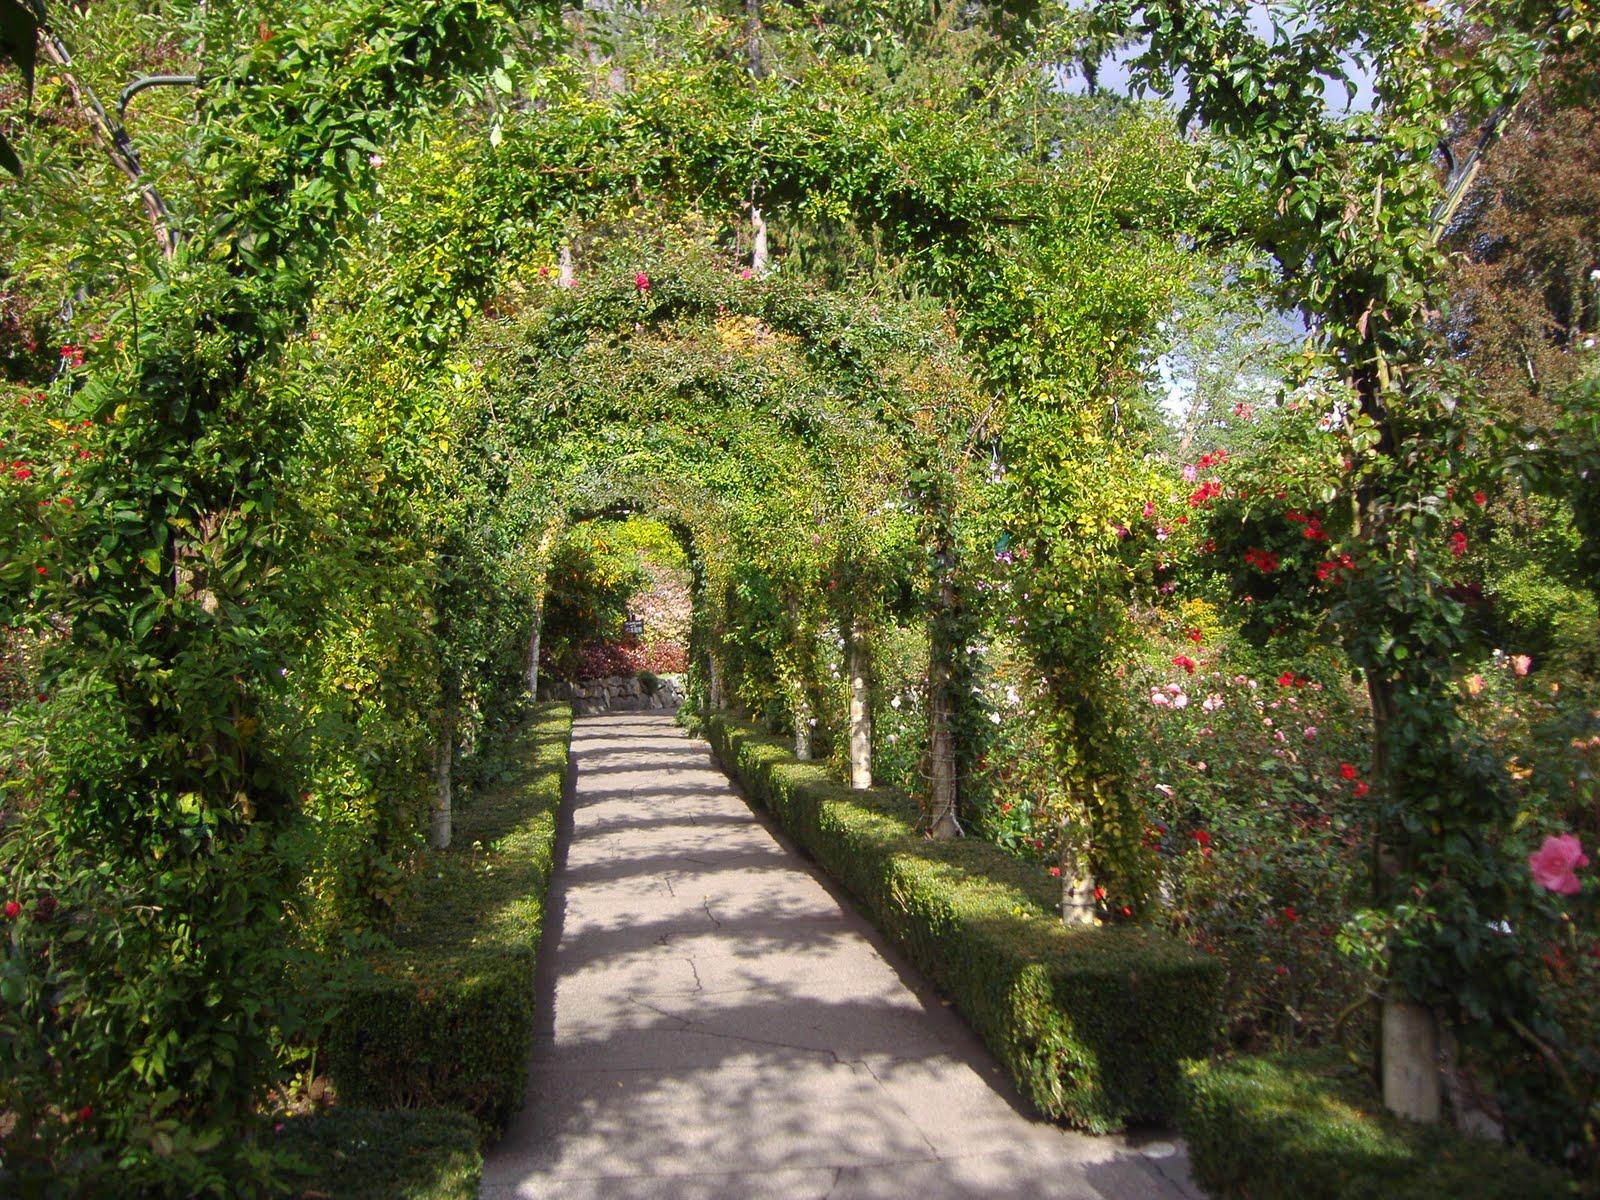 http://1.bp.blogspot.com/-QrqcHe4289U/TeGsGhRkgOI/AAAAAAAABcg/EJ0JnRns5h0/s1600/website+photos+002.jpg